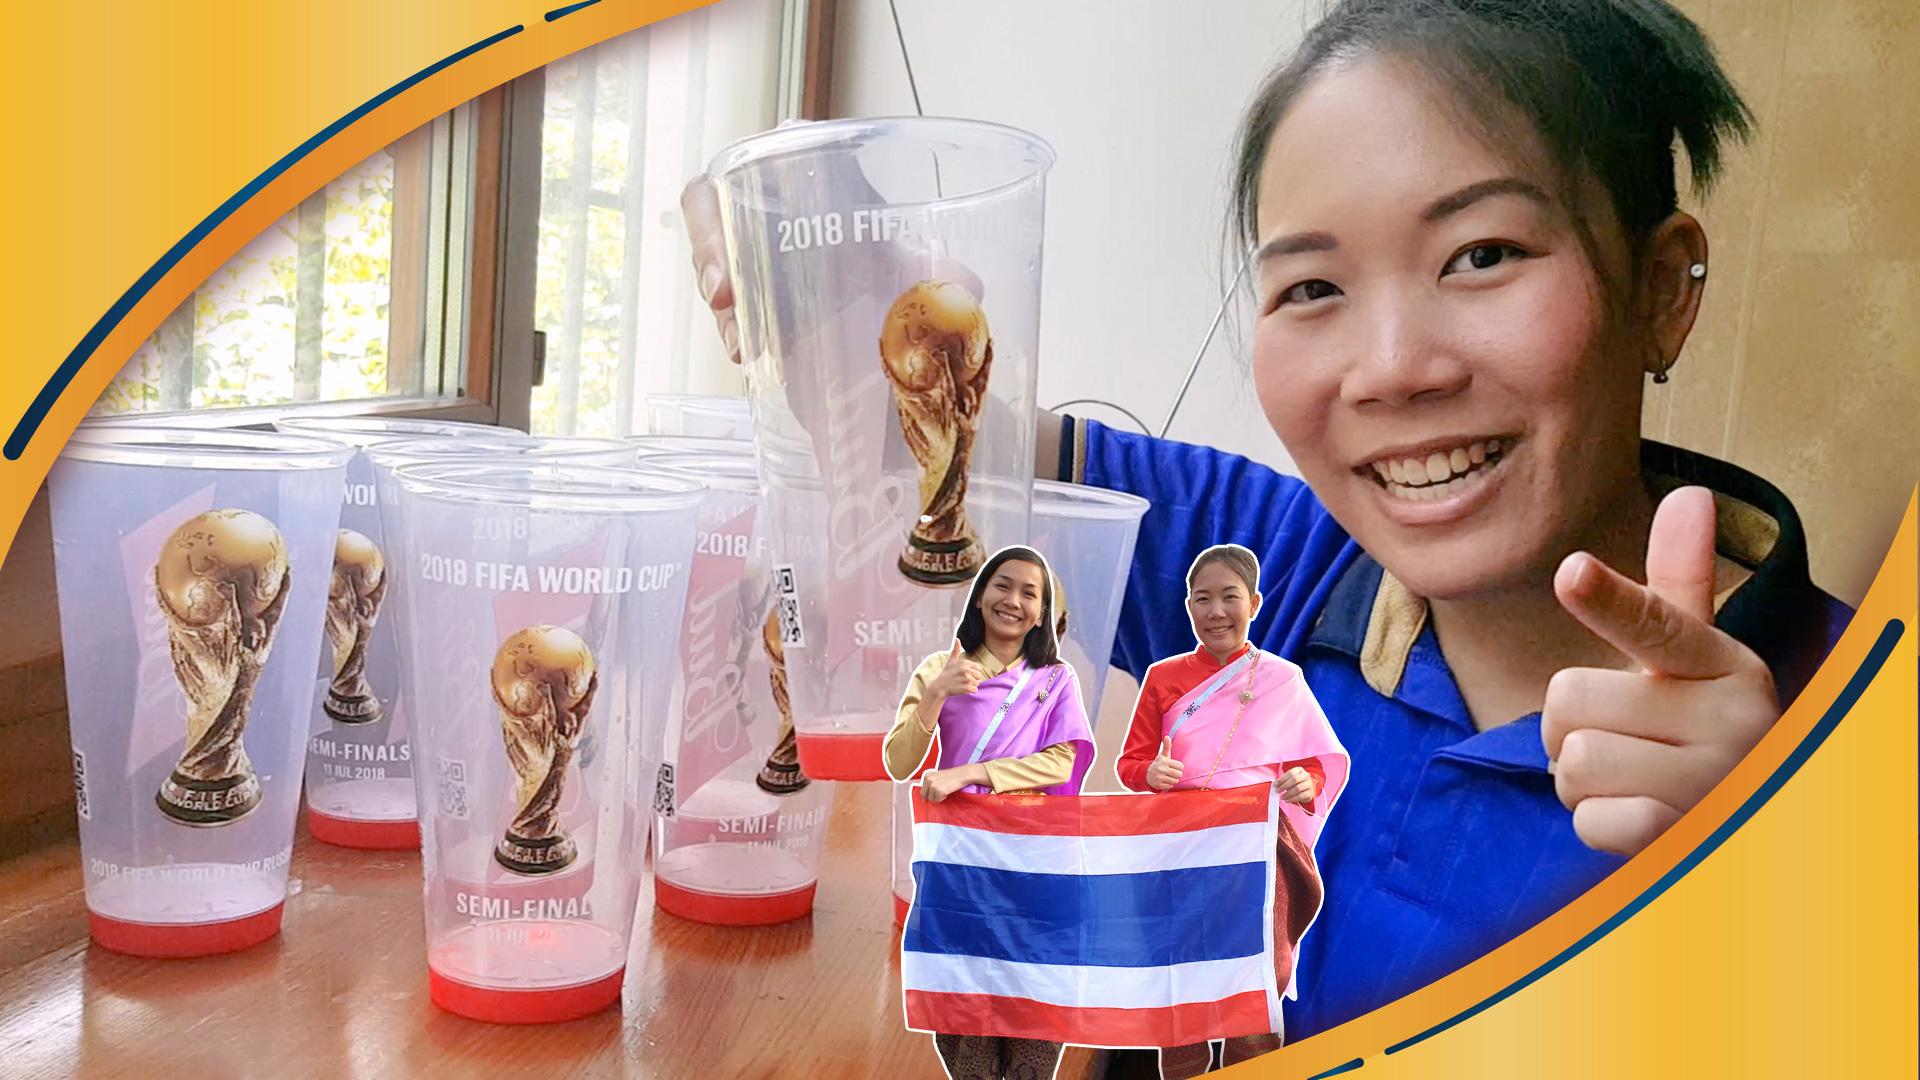 ชุดไทยไปบอลโลก แจกแก้วมีไฟท้ายคลิป